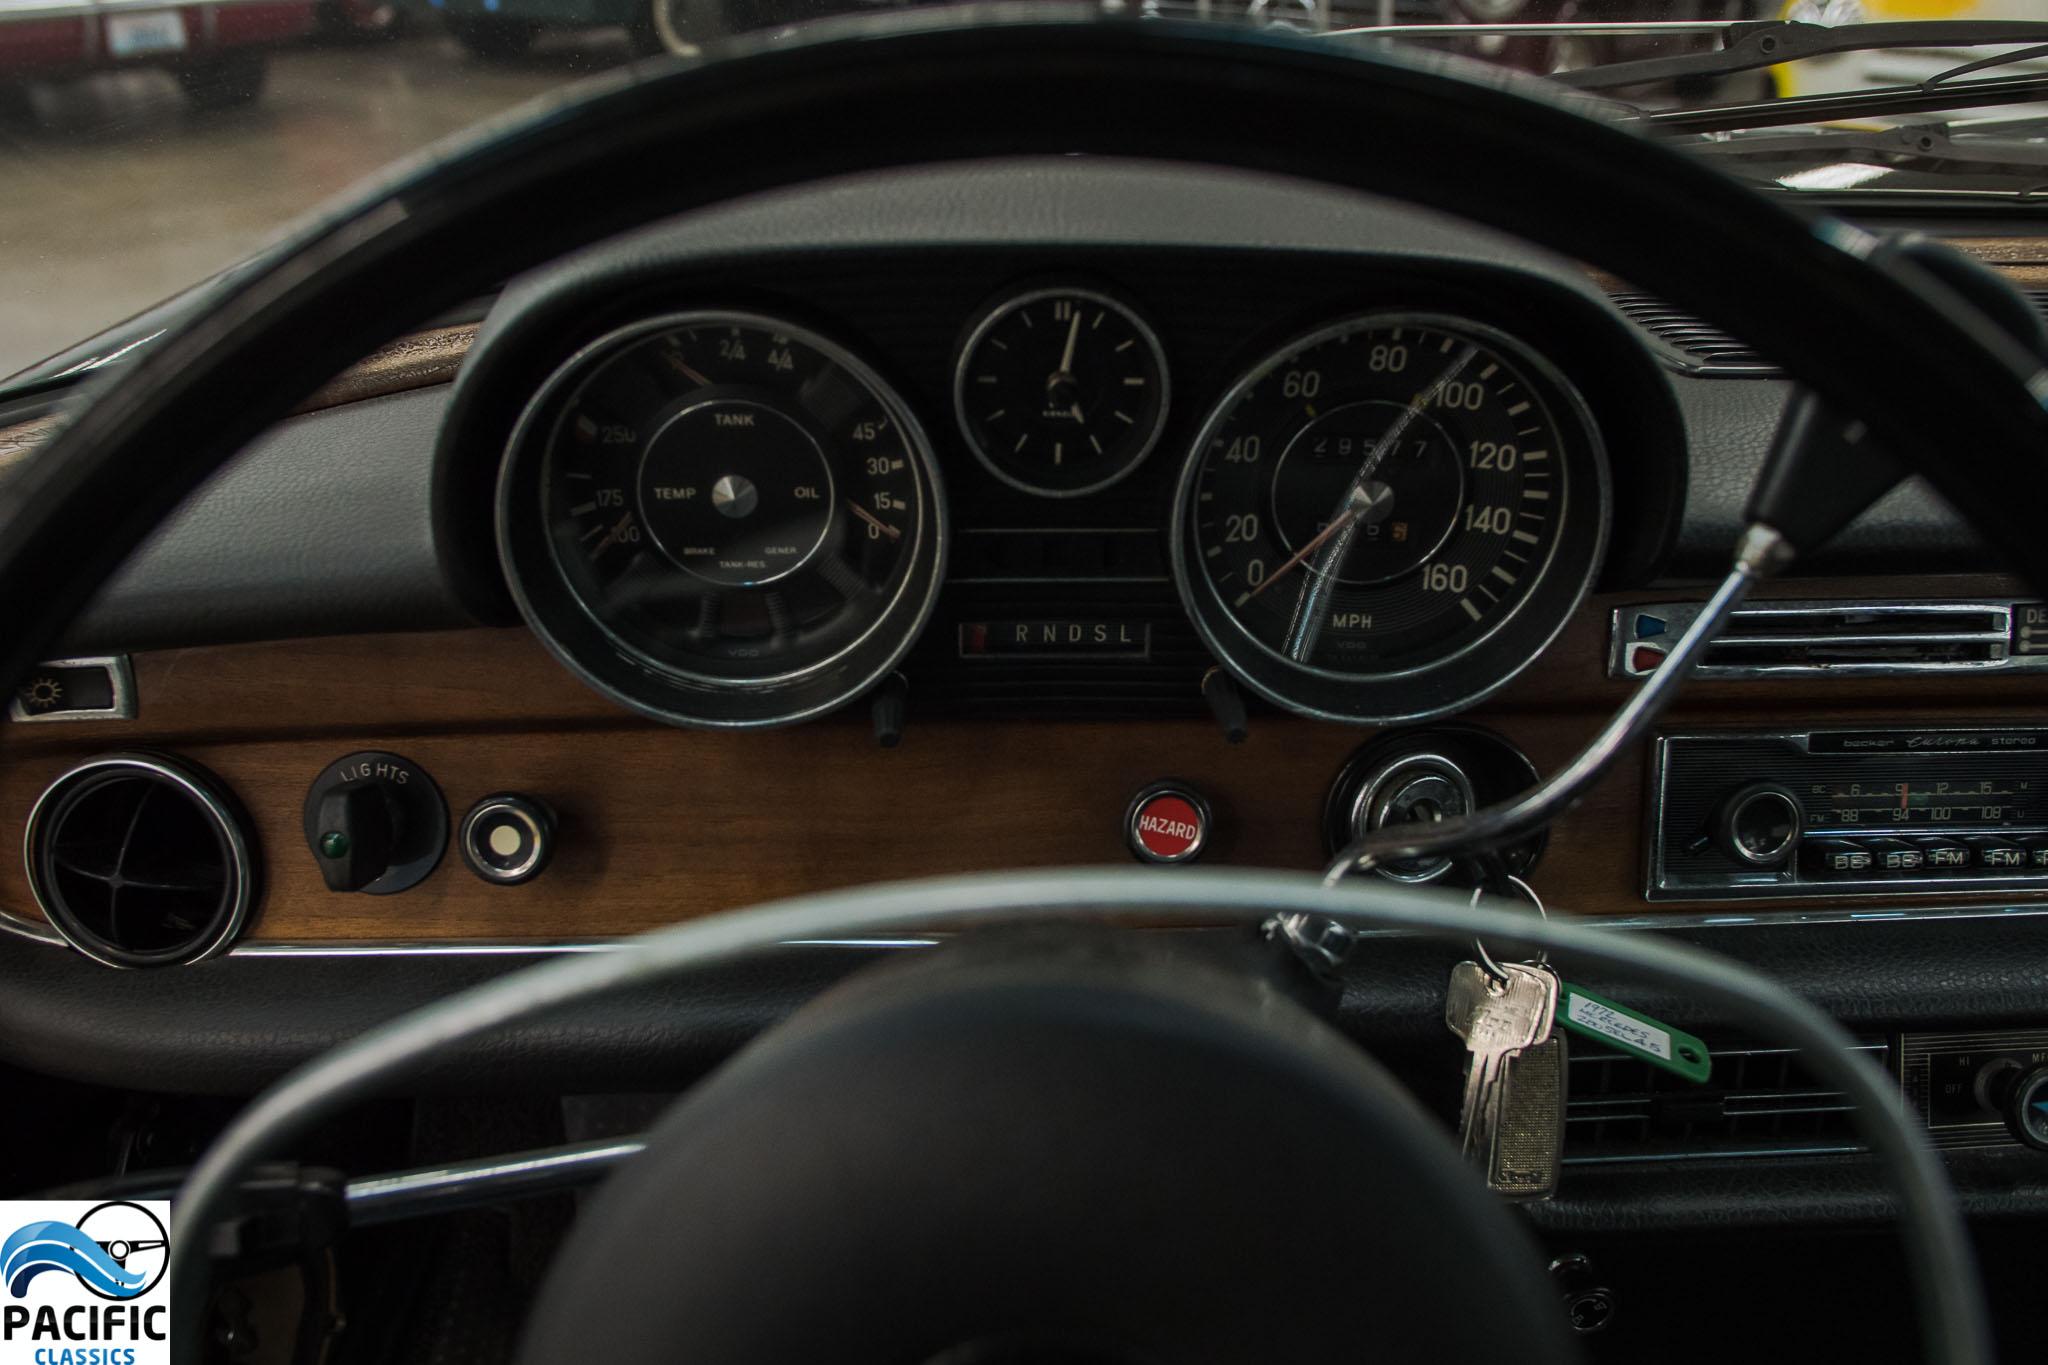 1972 Mercedes Benz 280 SEL 4.5